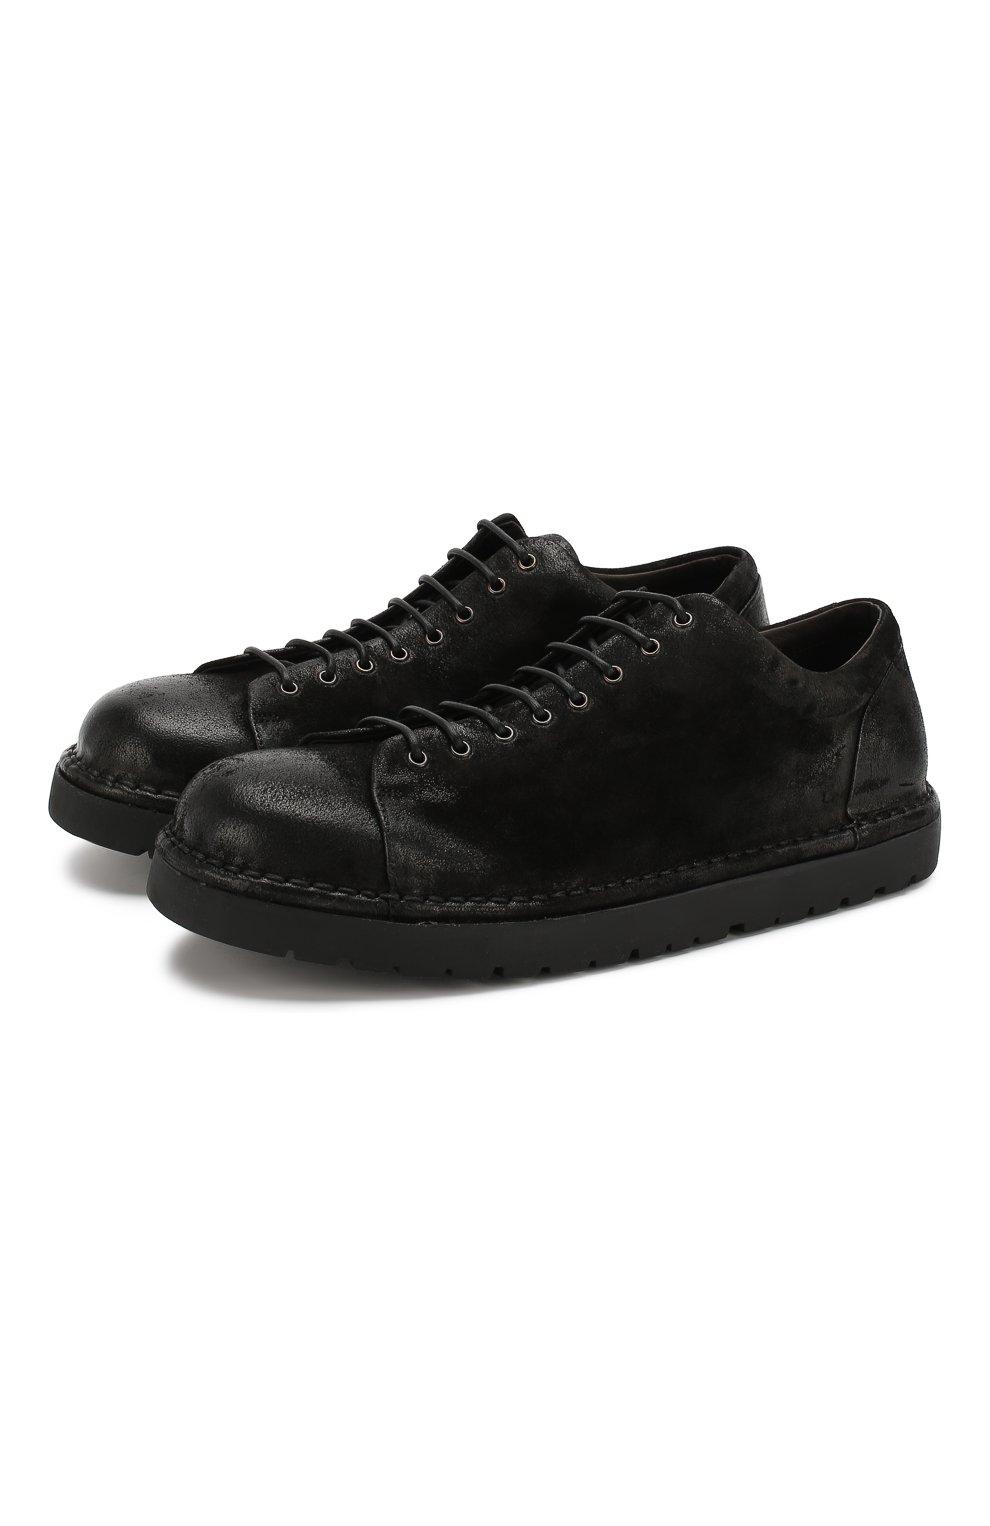 Мужские кожаные ботинки MARSELL черного цвета, арт. MMG350/DR0M R0VESCI0 | Фото 1